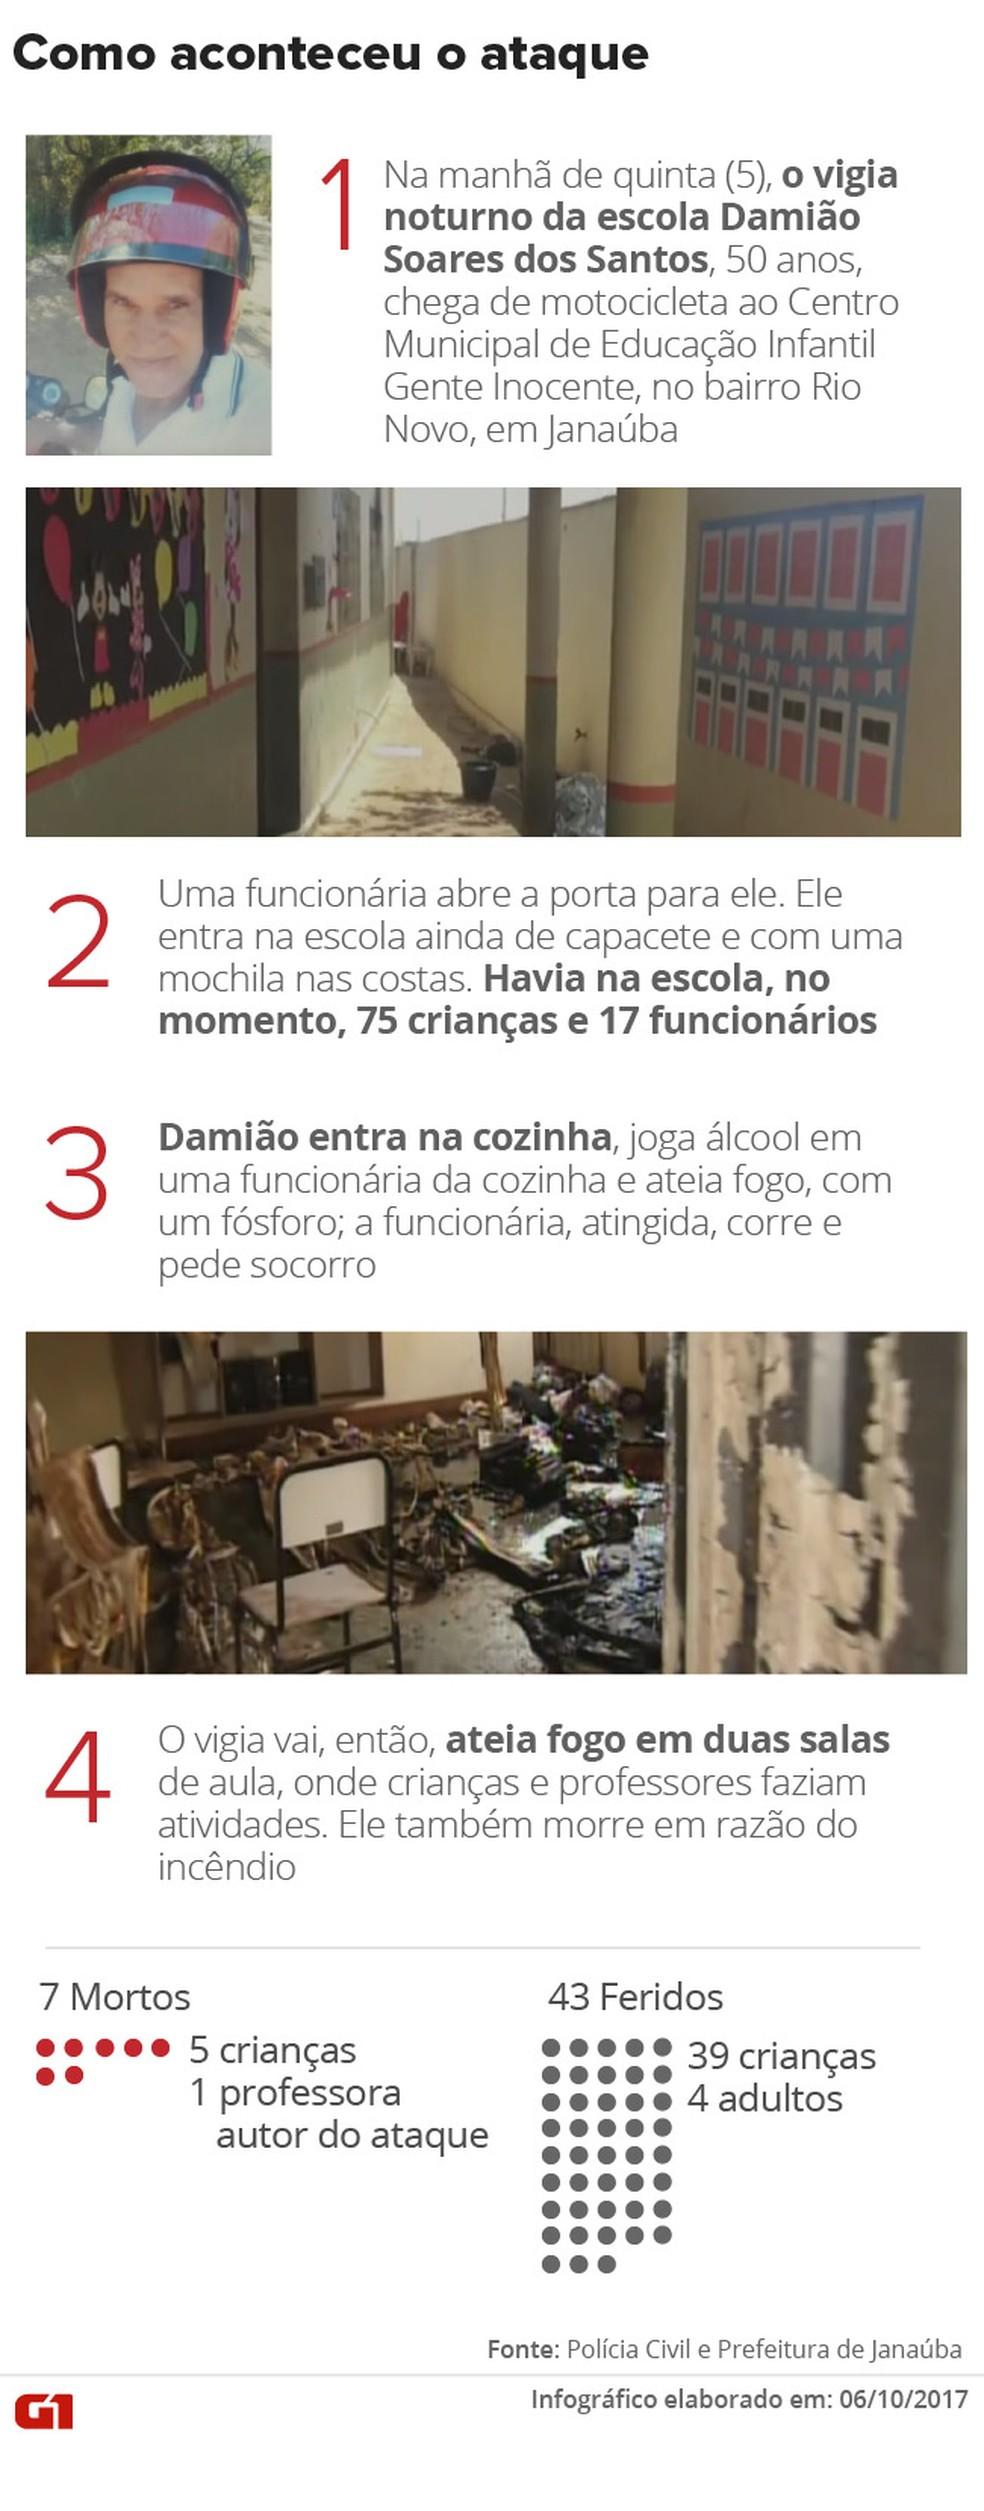 ATUALIZADA Como aconteceu o ataque em Janauba (Foto: Arte/G1)